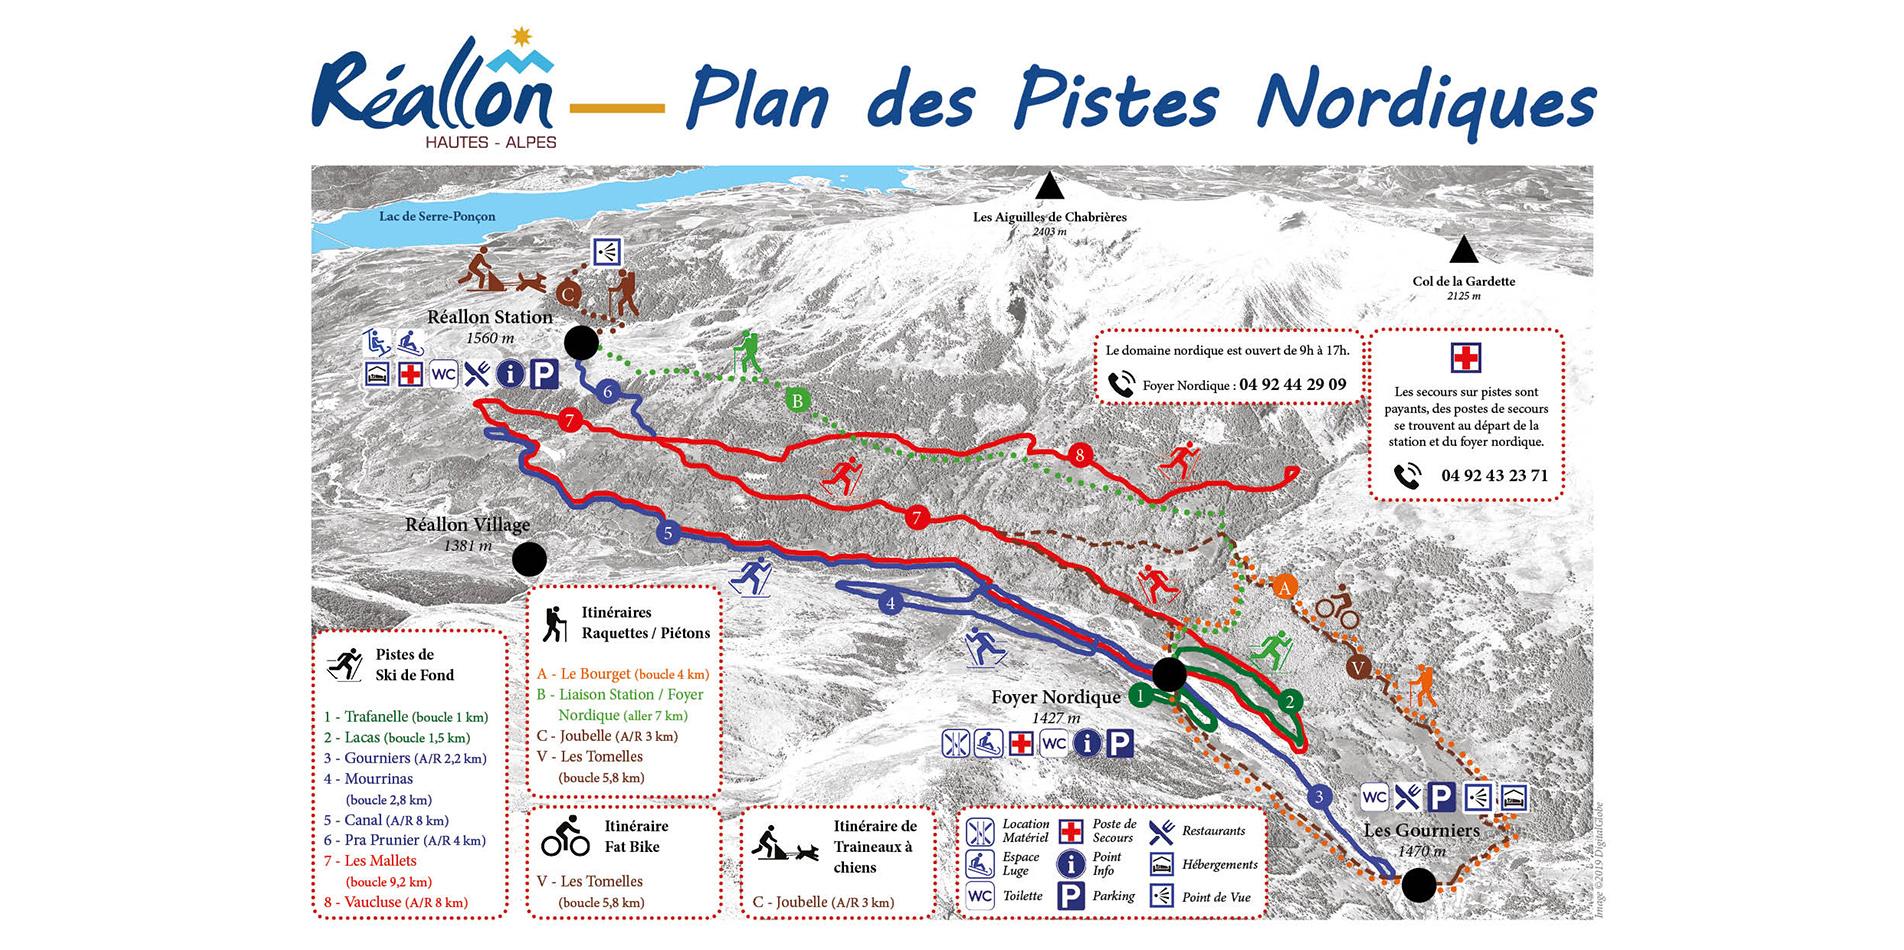 plan nordique Réallon